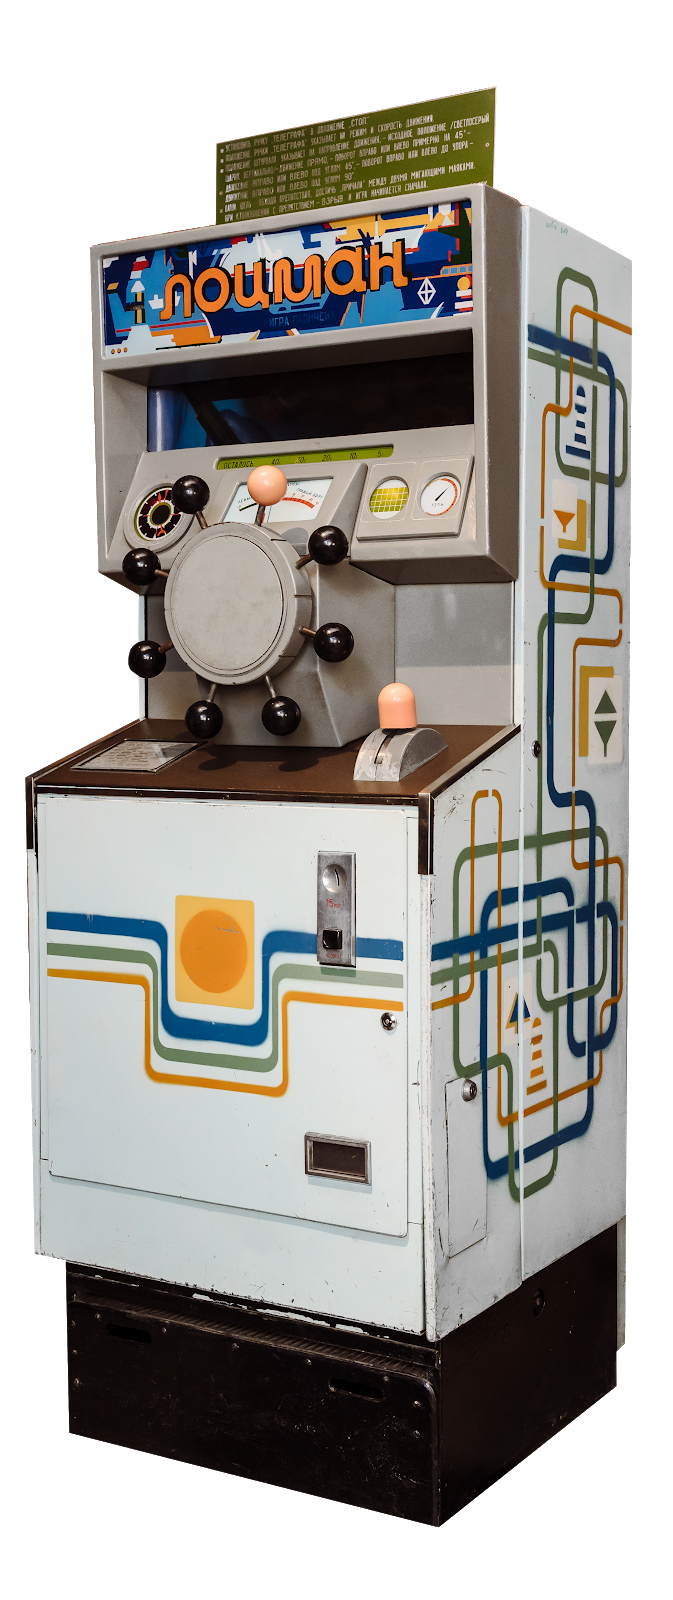 Игровые автоматы: откуда они взялись в СССР и как устроены - 8